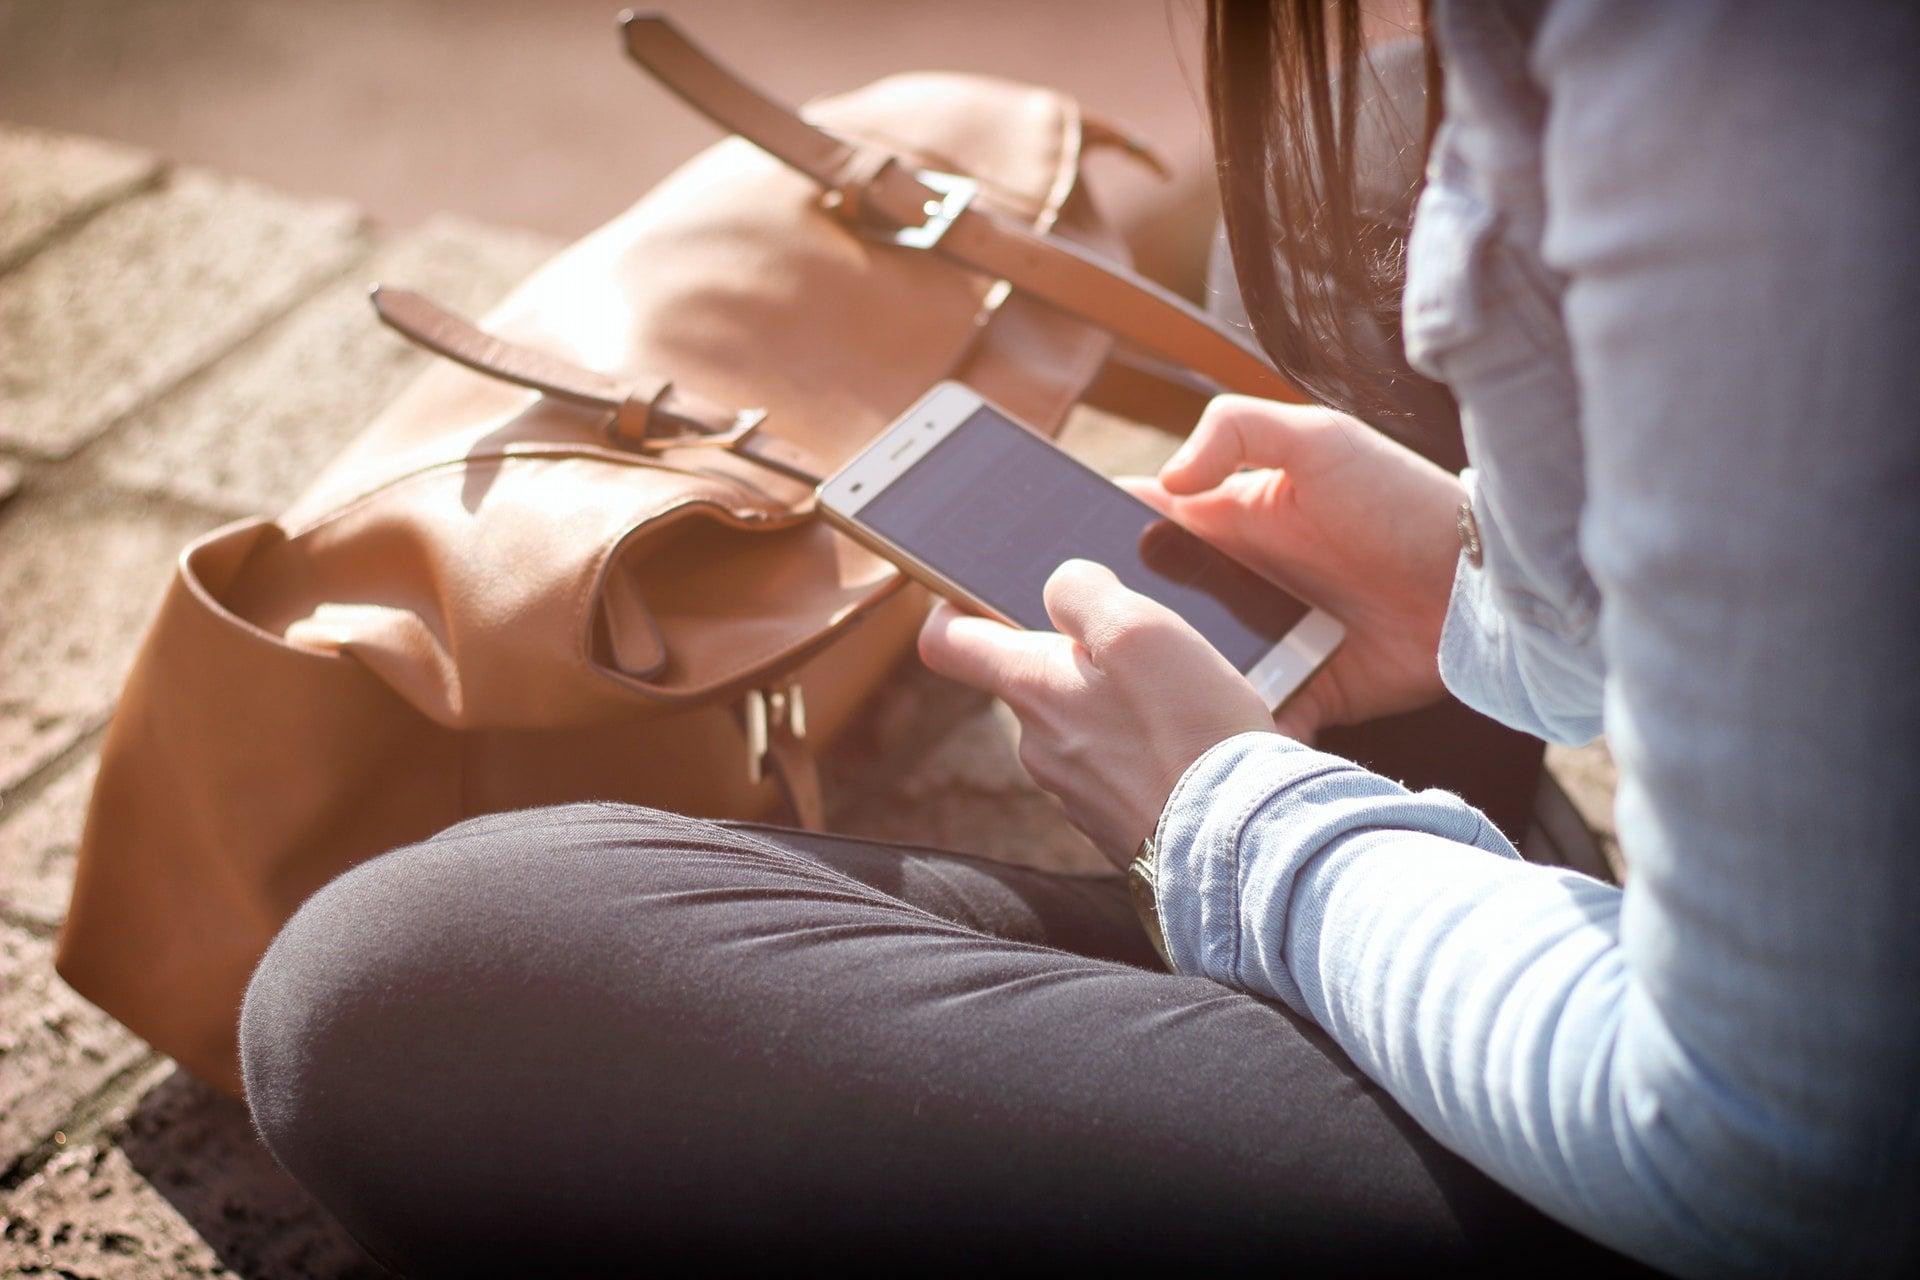 Jak użytkownicy w Polsce zabezpieczają swoje smartfony? 18